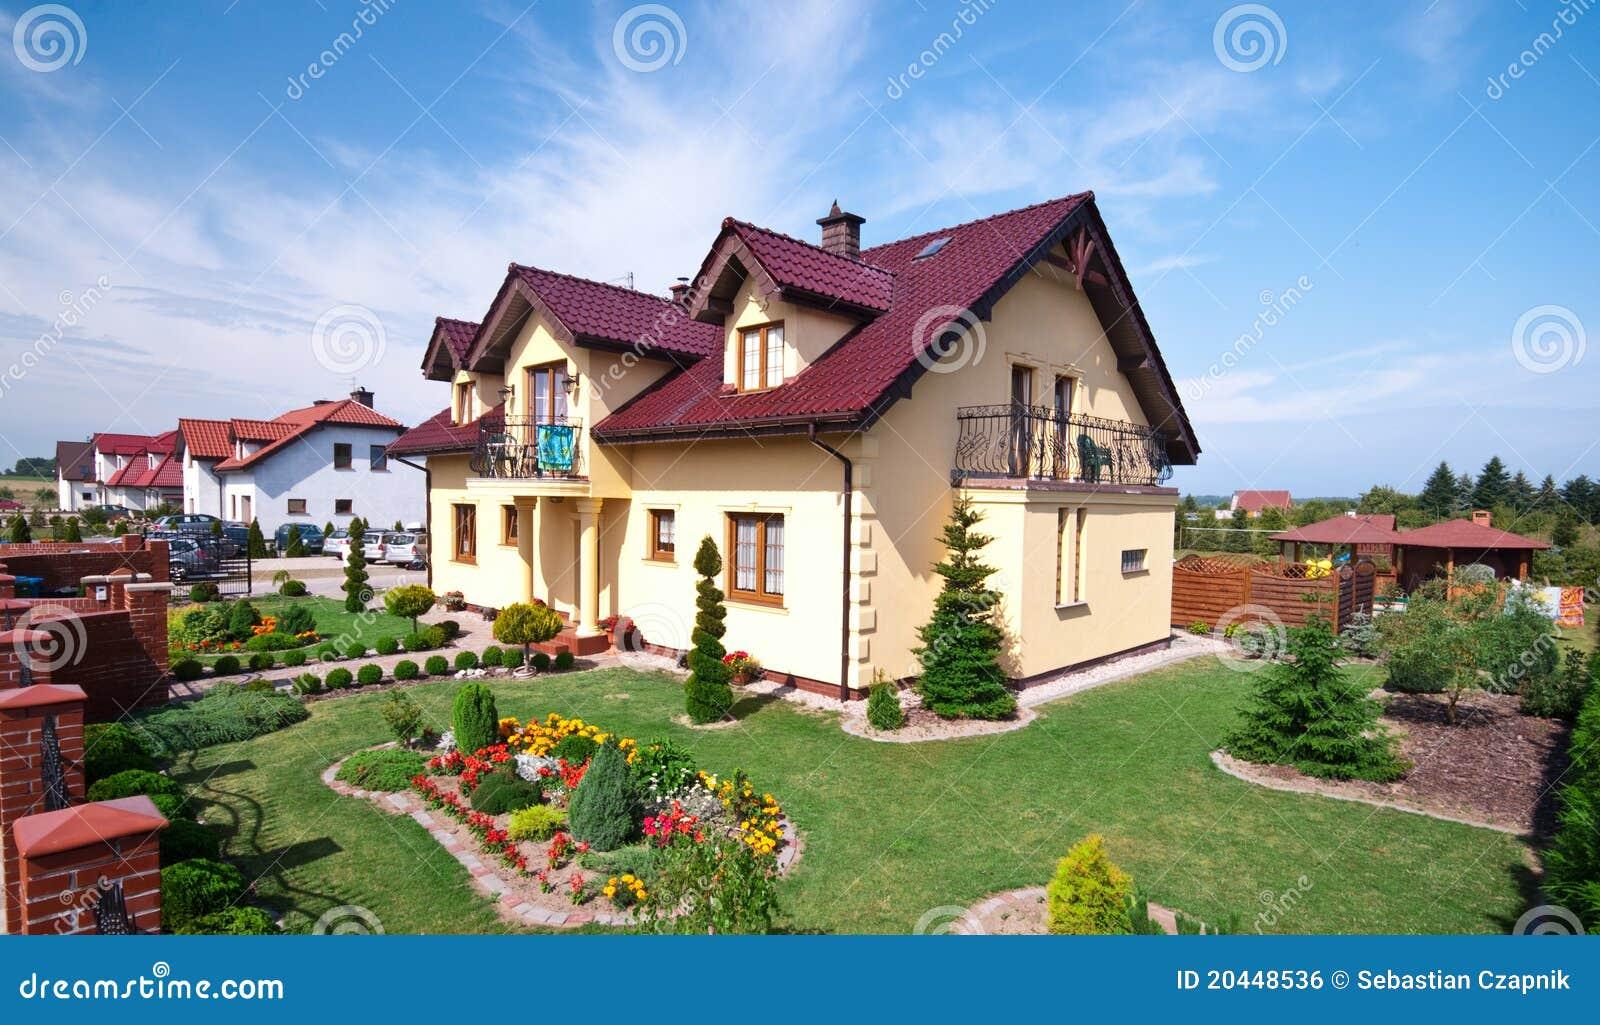 Luxuri ses haus und garten for Haus und garten